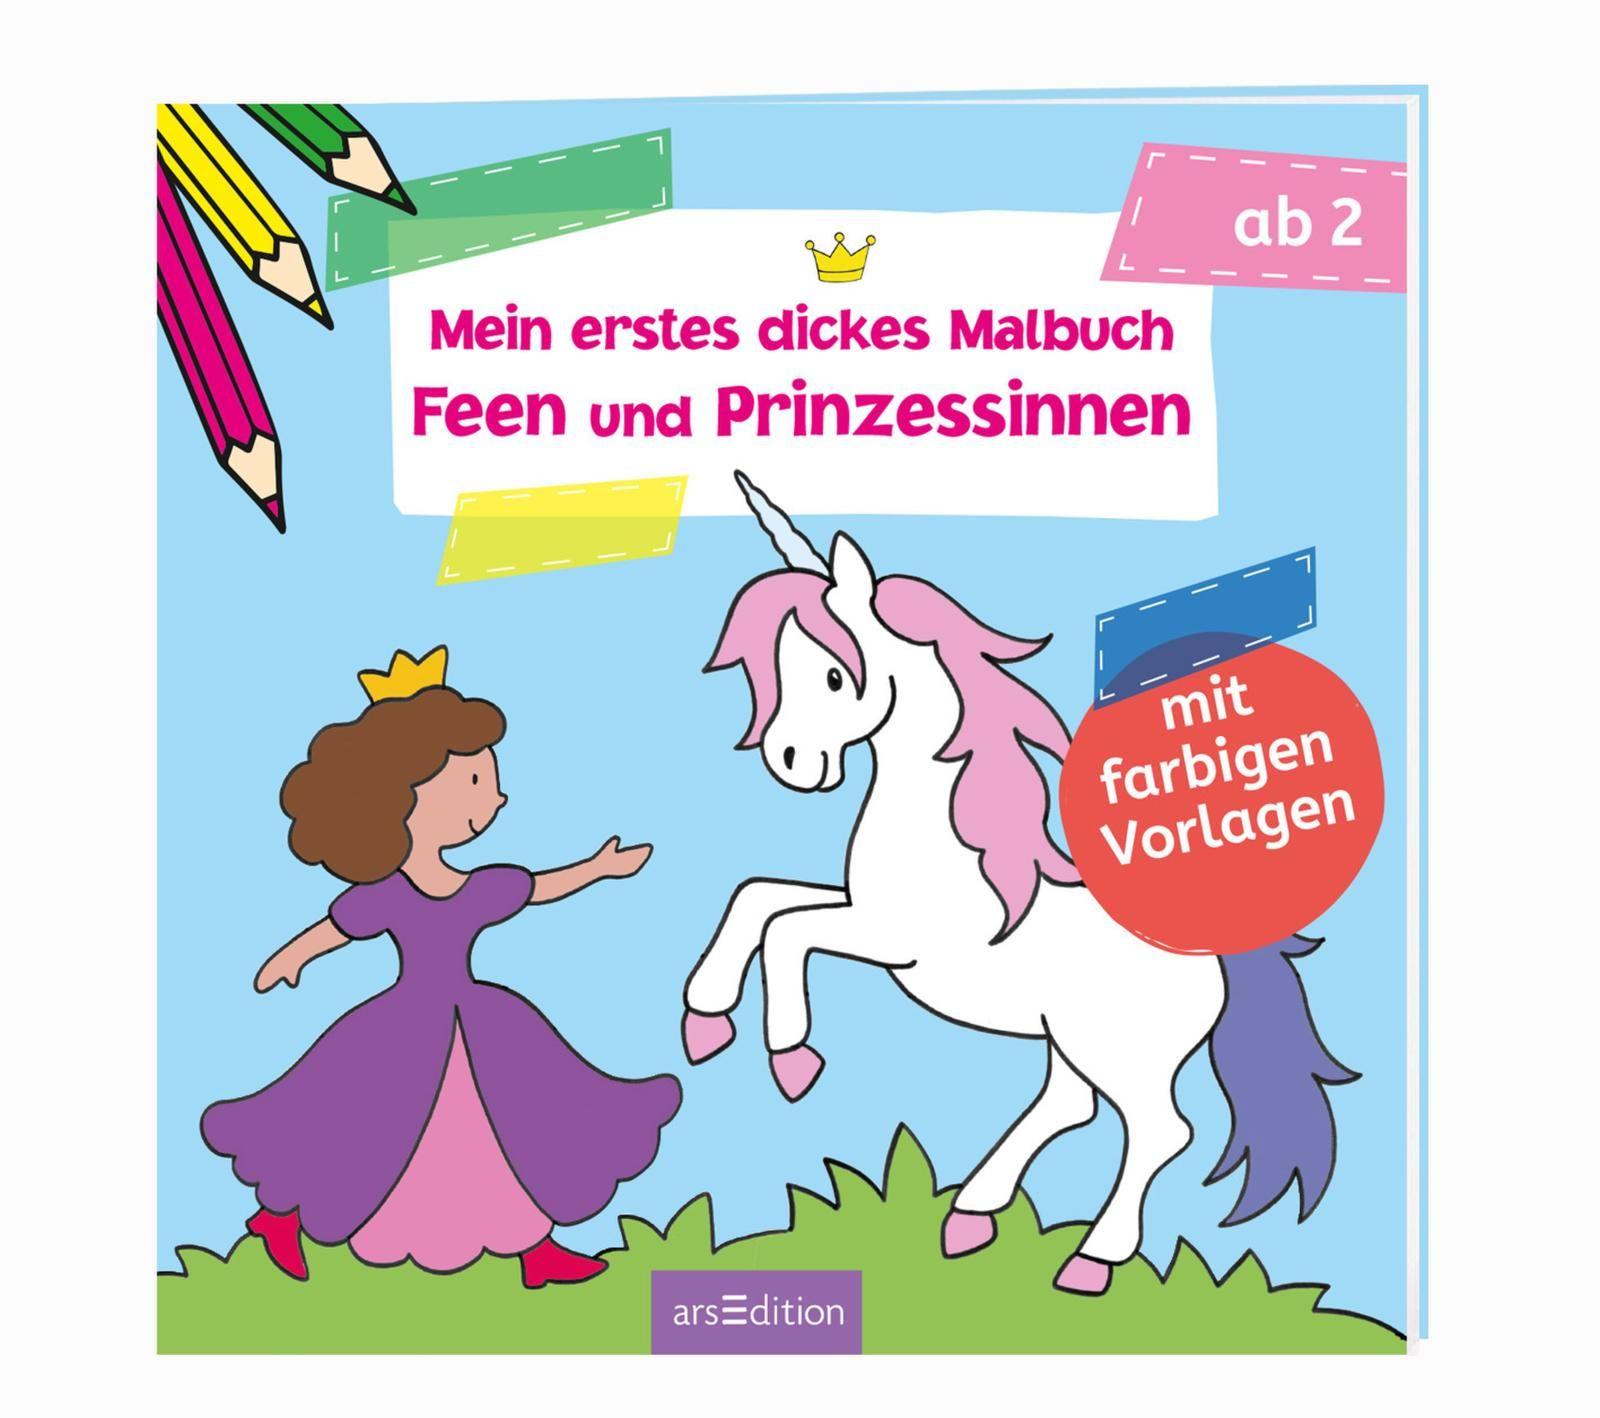 Ungewöhnlich Fee Malbuch Fotos - Druckbare Malvorlagen - helmymaher.com